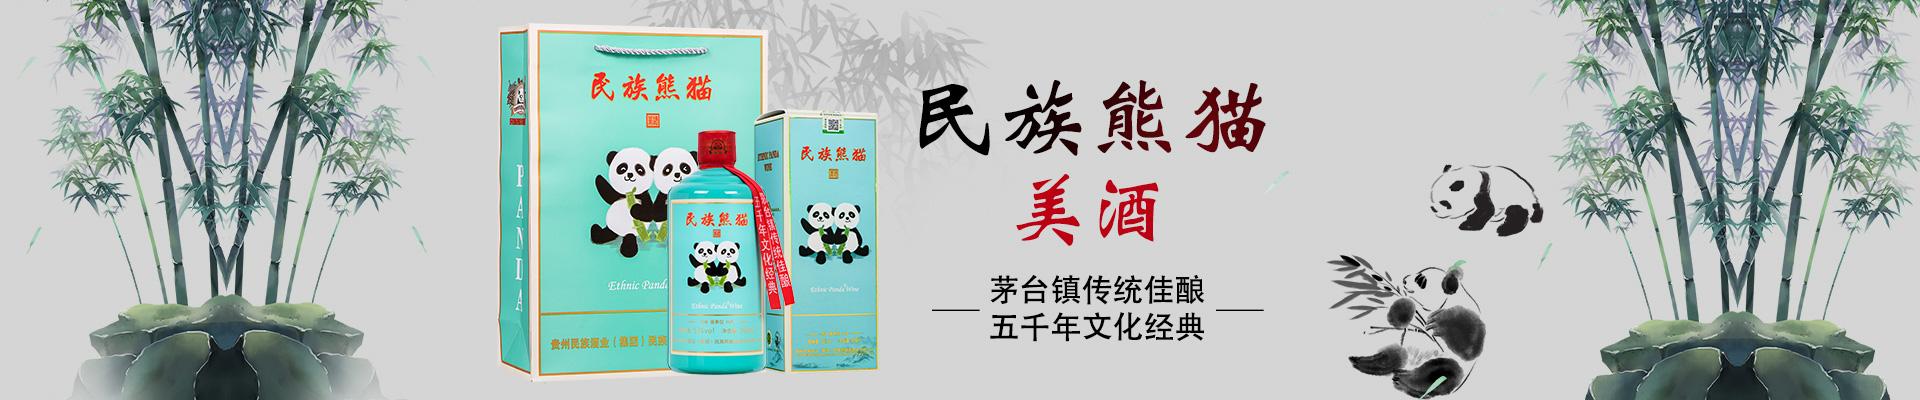 贵州民族酒业集团民族熊猫美酒业有限公司